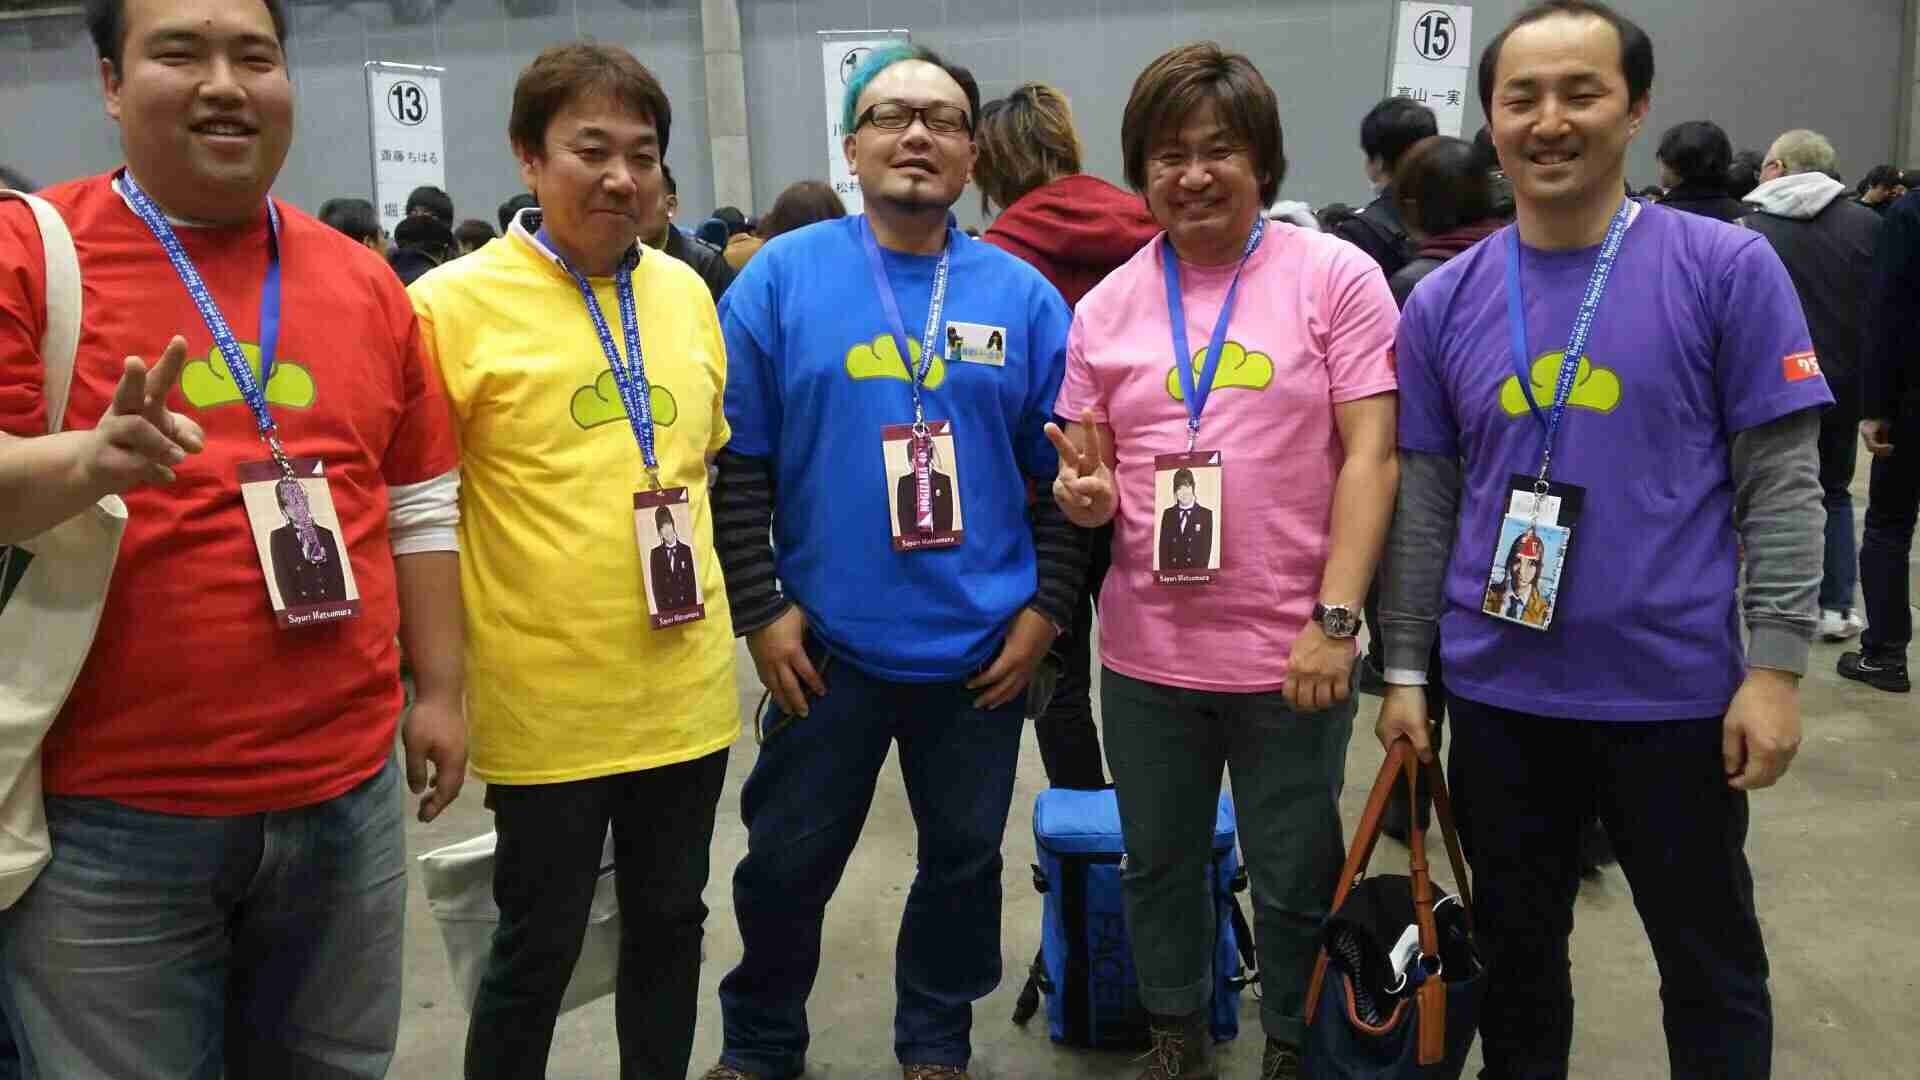 指原莉乃 3連覇かかるAKB総選挙「出るなら今年が最後」